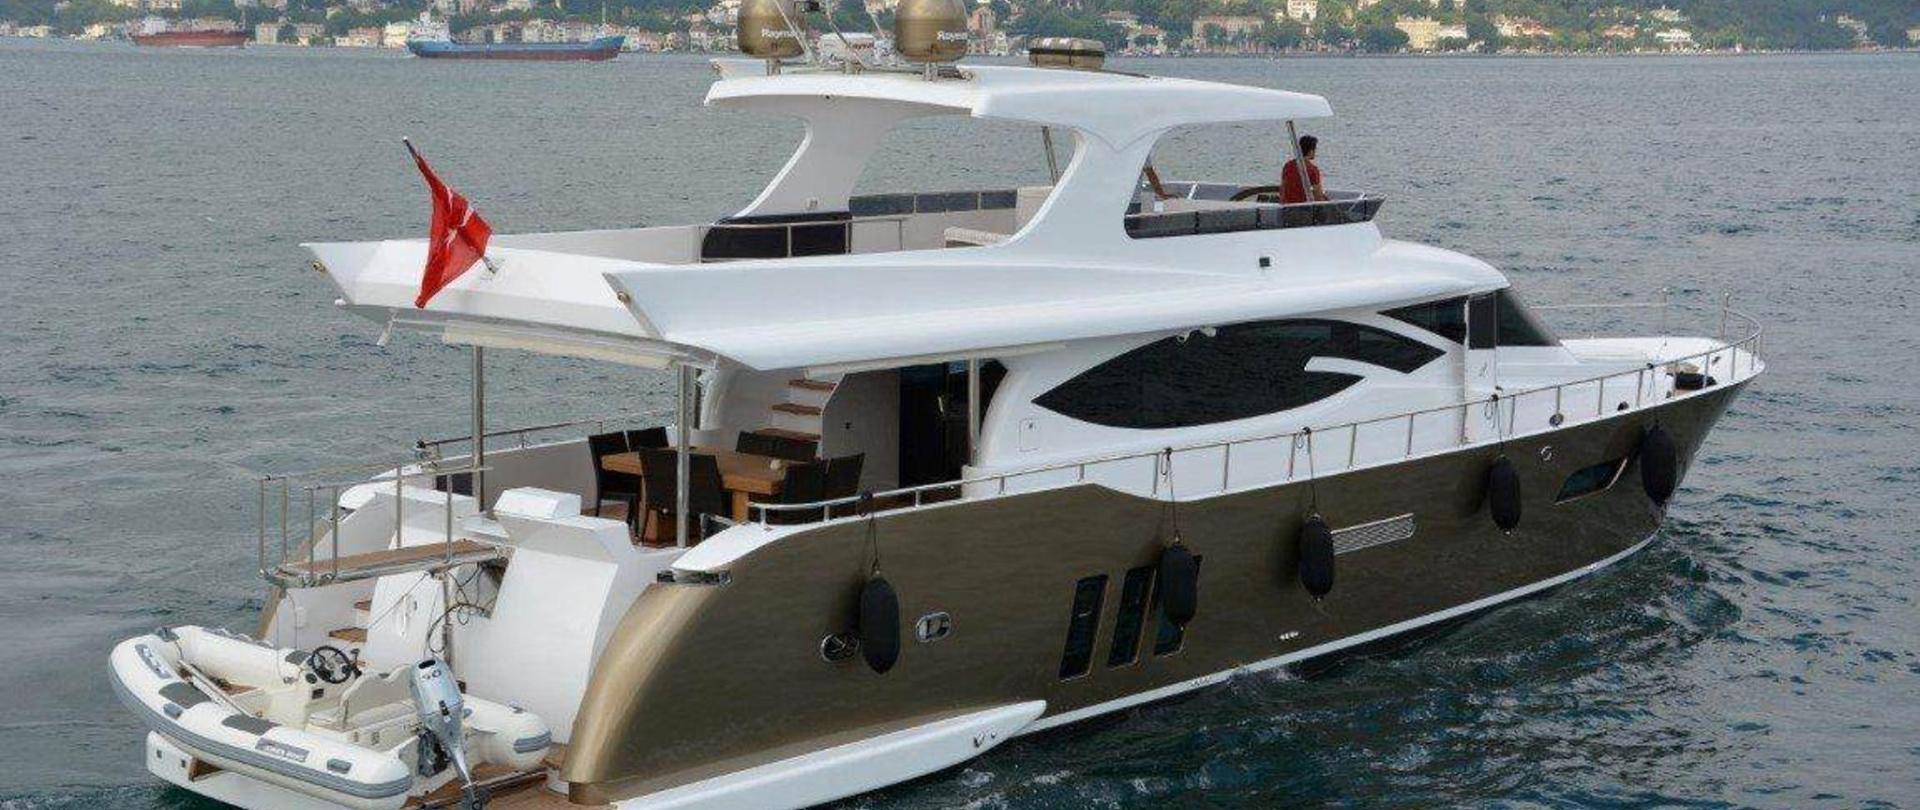 yacht-m-st-k-4.jpg